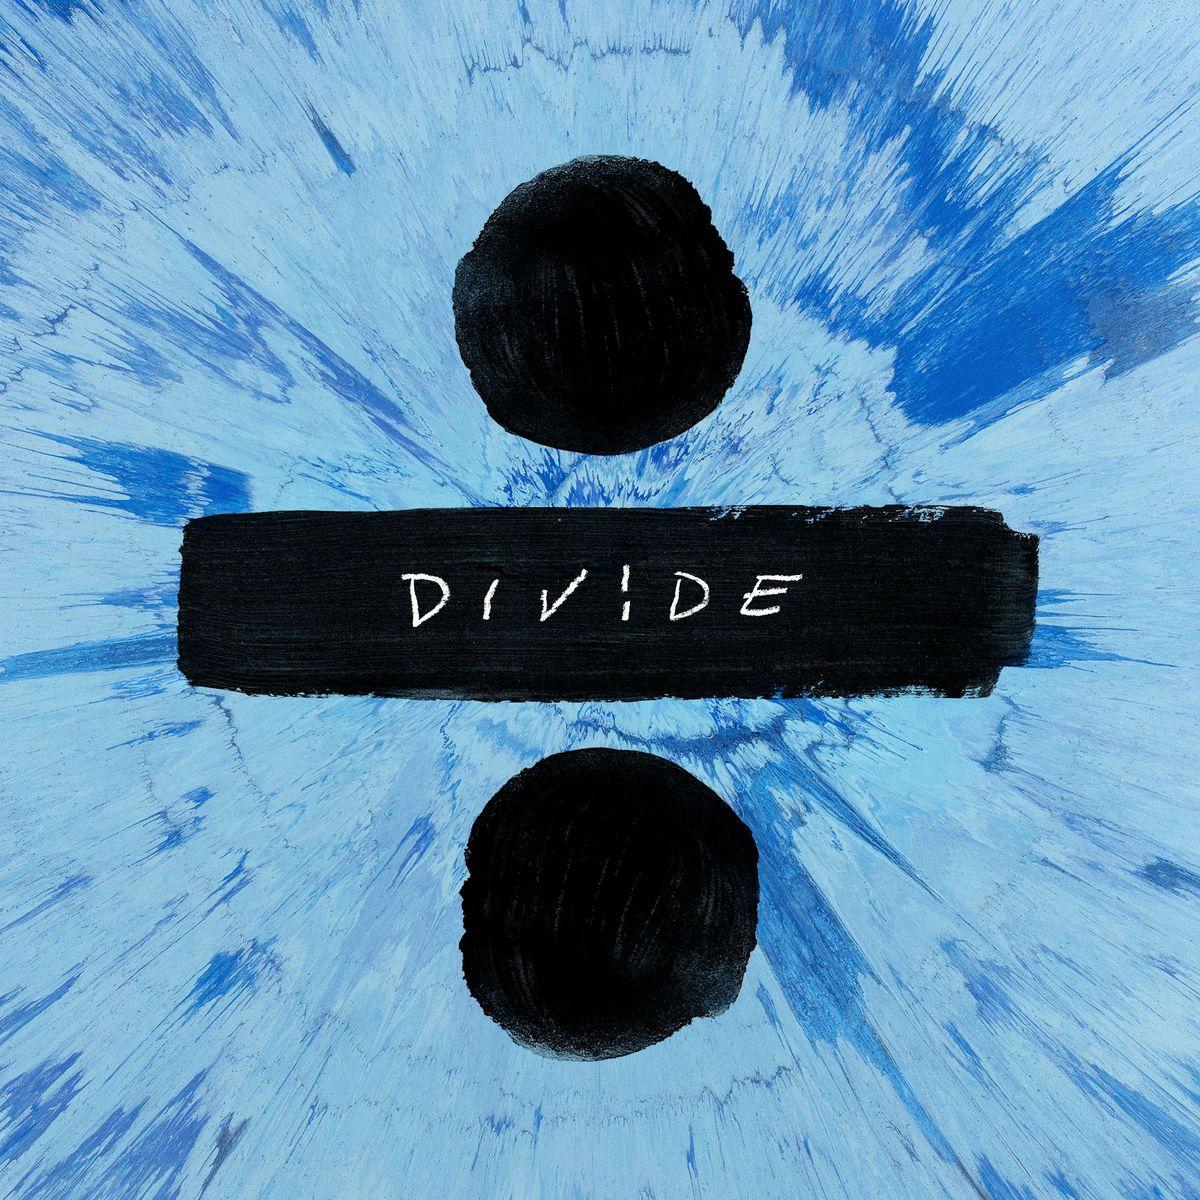 Ed Sheeran - Divide album cover